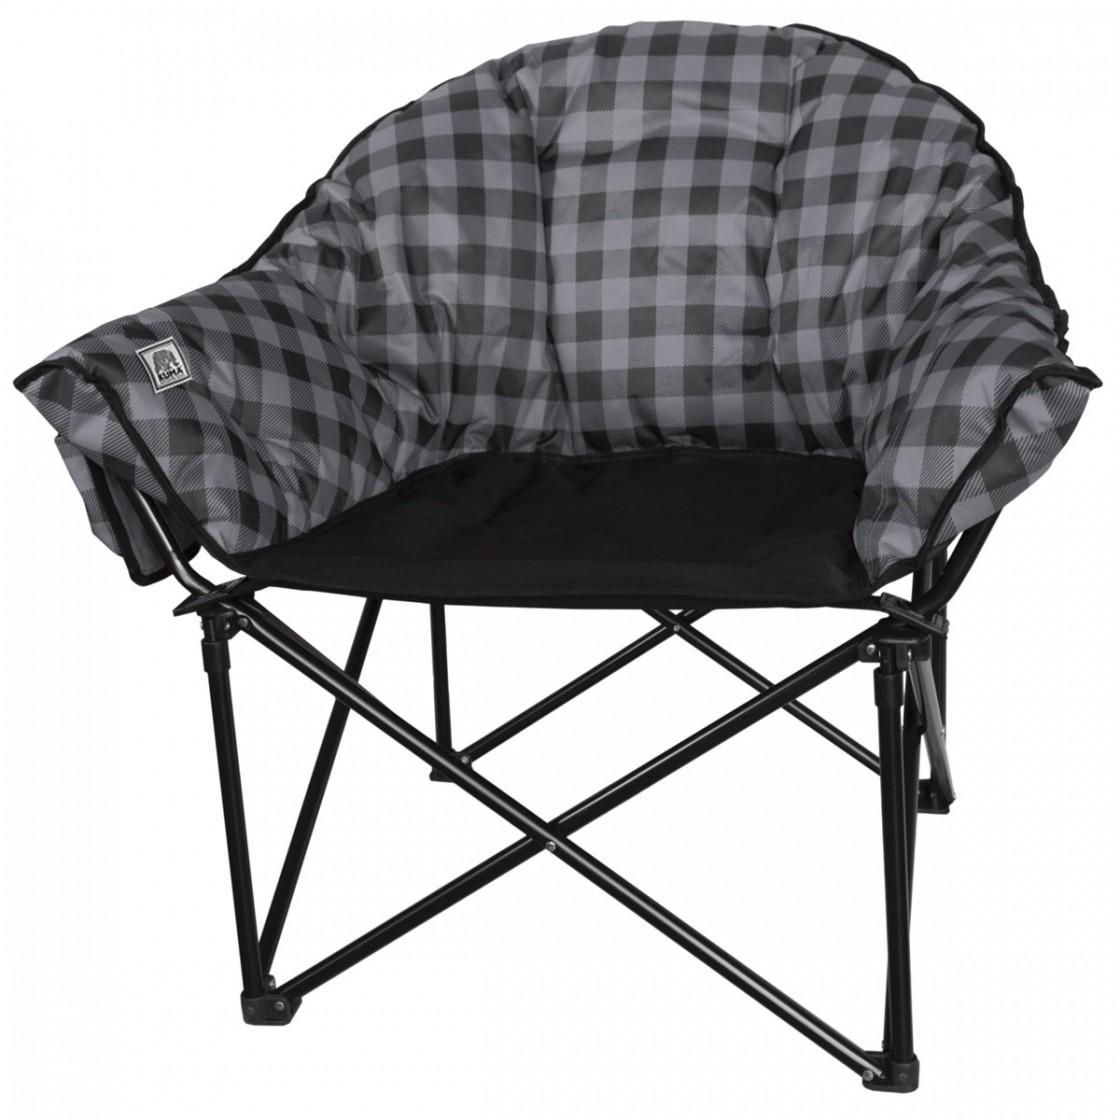 kuma lazy bear chair - gray plaid